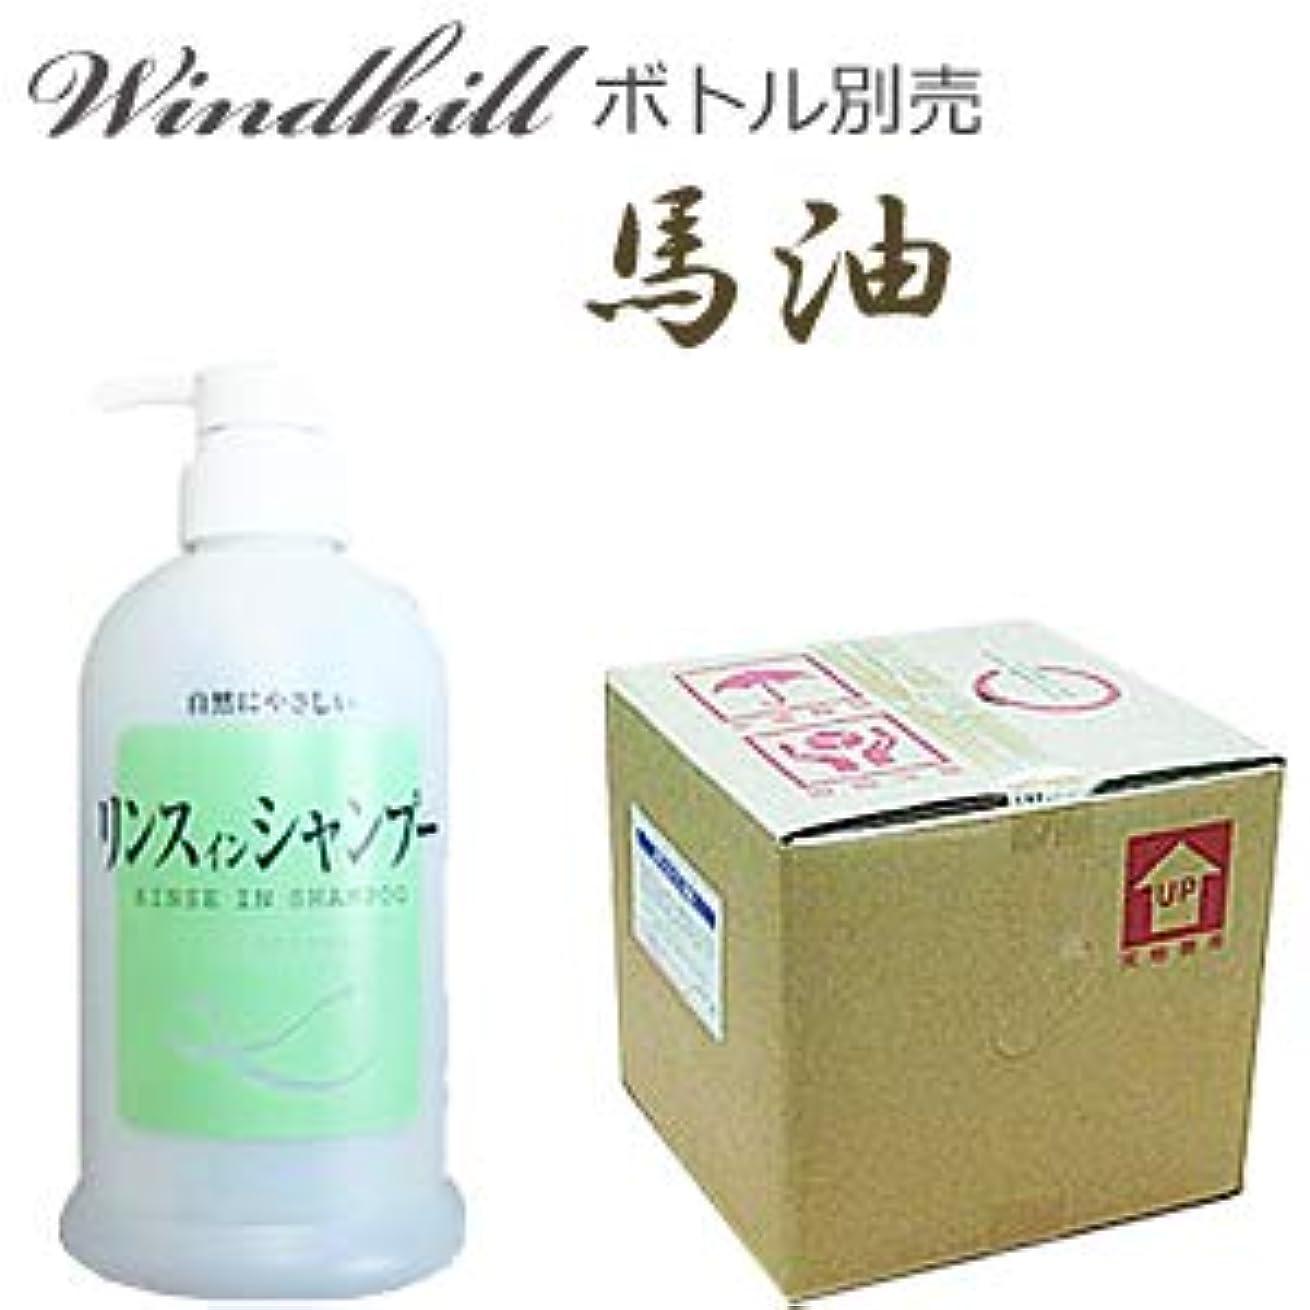 ブラウザ赤道倒産Windhill 馬油 業務用 リンスイン シャンプー フローラルの香り 20L